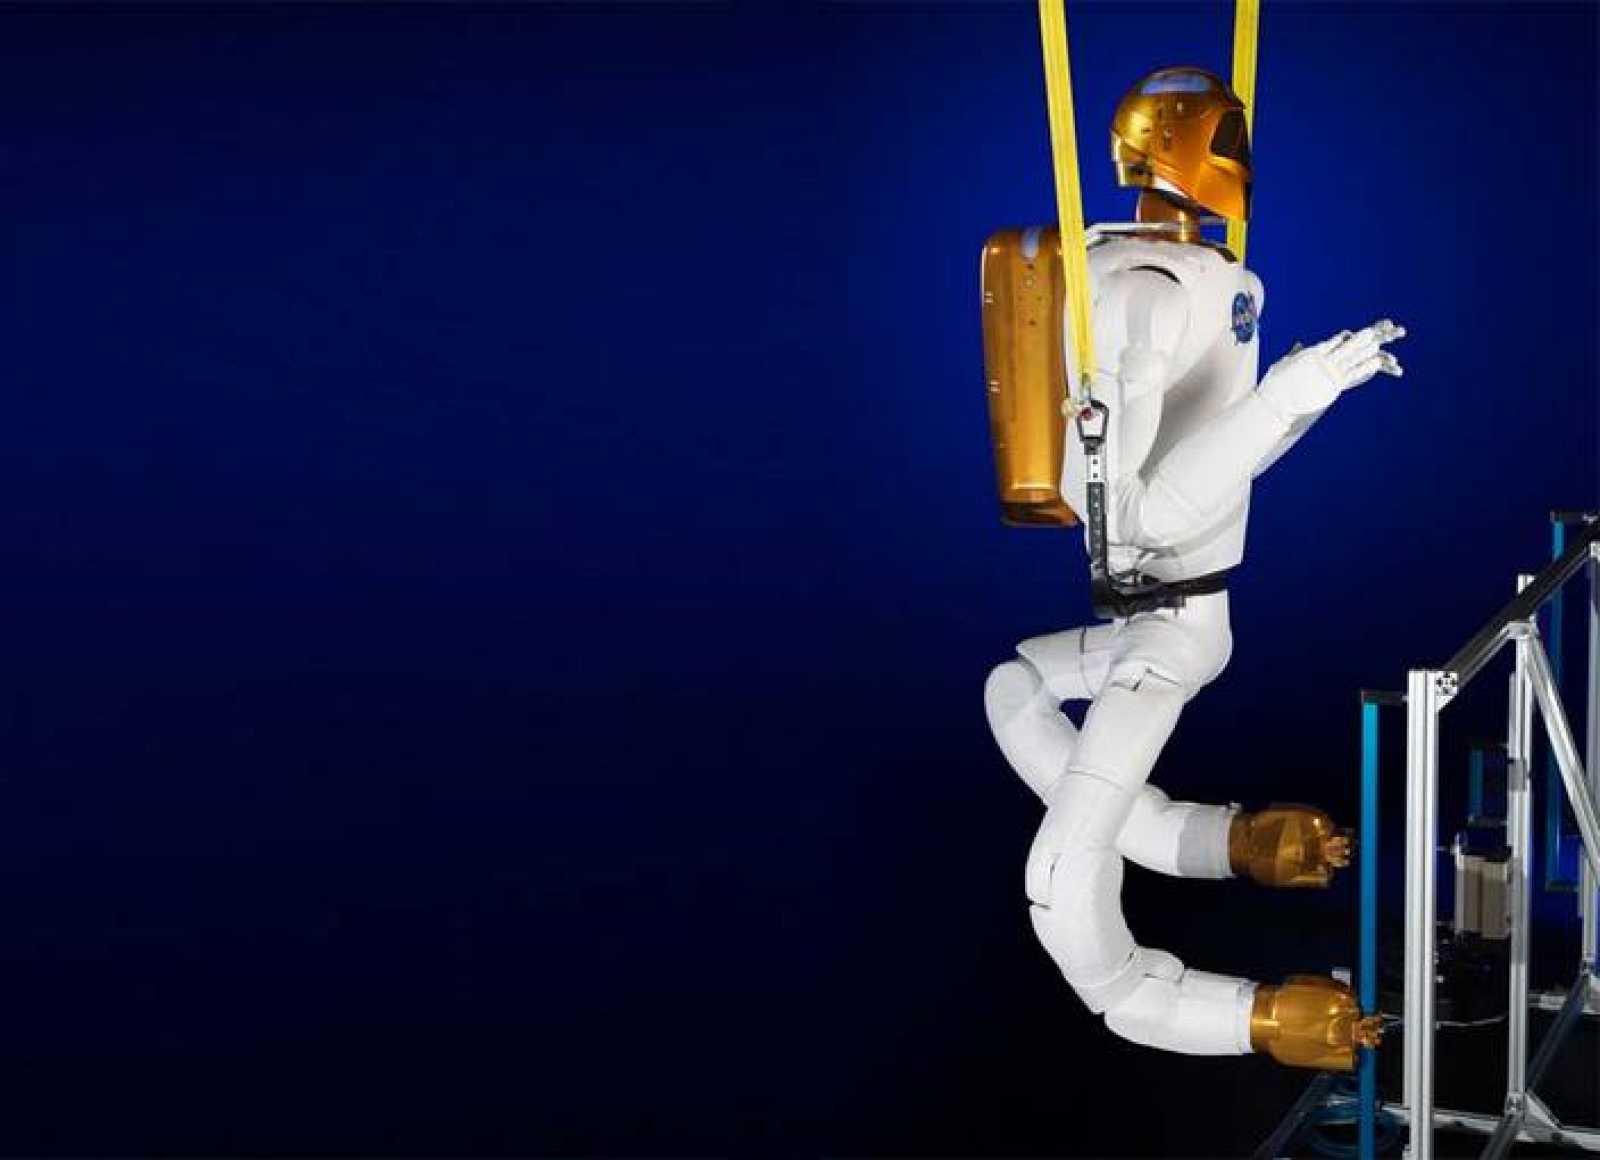 El juego de piernas para Robonaut 2, uno de los dos robots que hay a bordo de la EEI.